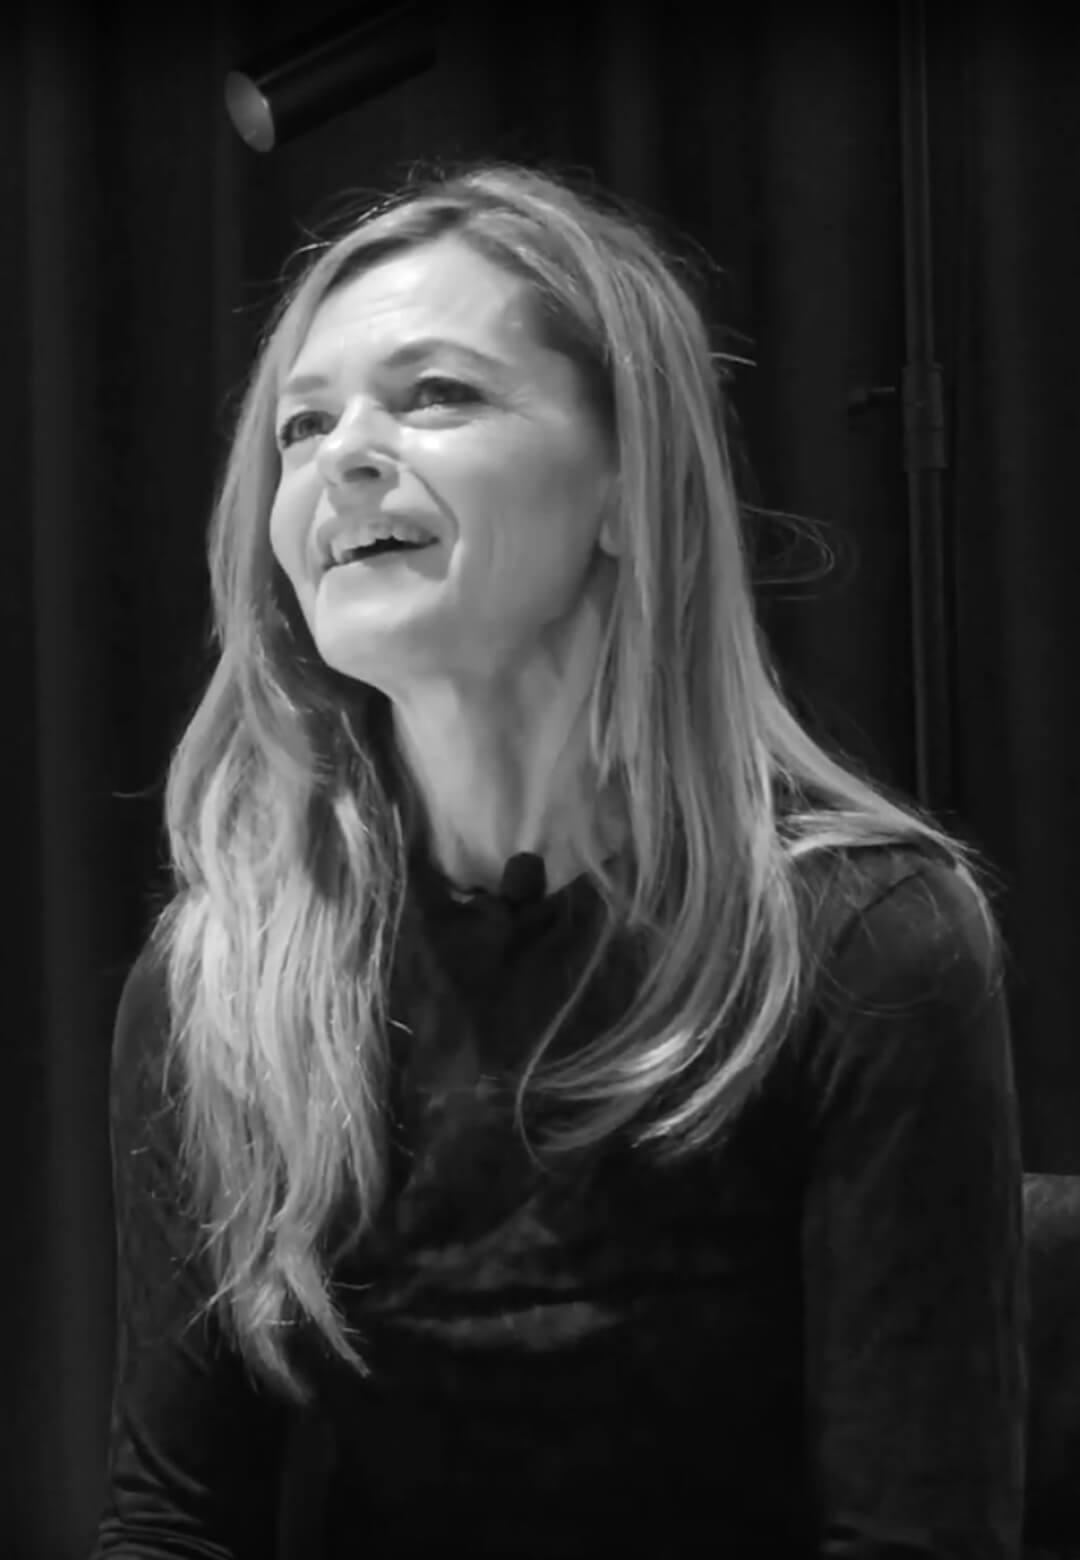 An interview with Beata Denton, lighting designer at Reflex Arkitekter, for Women in Lighting | Beata Denton | Reflex Arkitekter | Women in Lighting| Light Collective| STIR